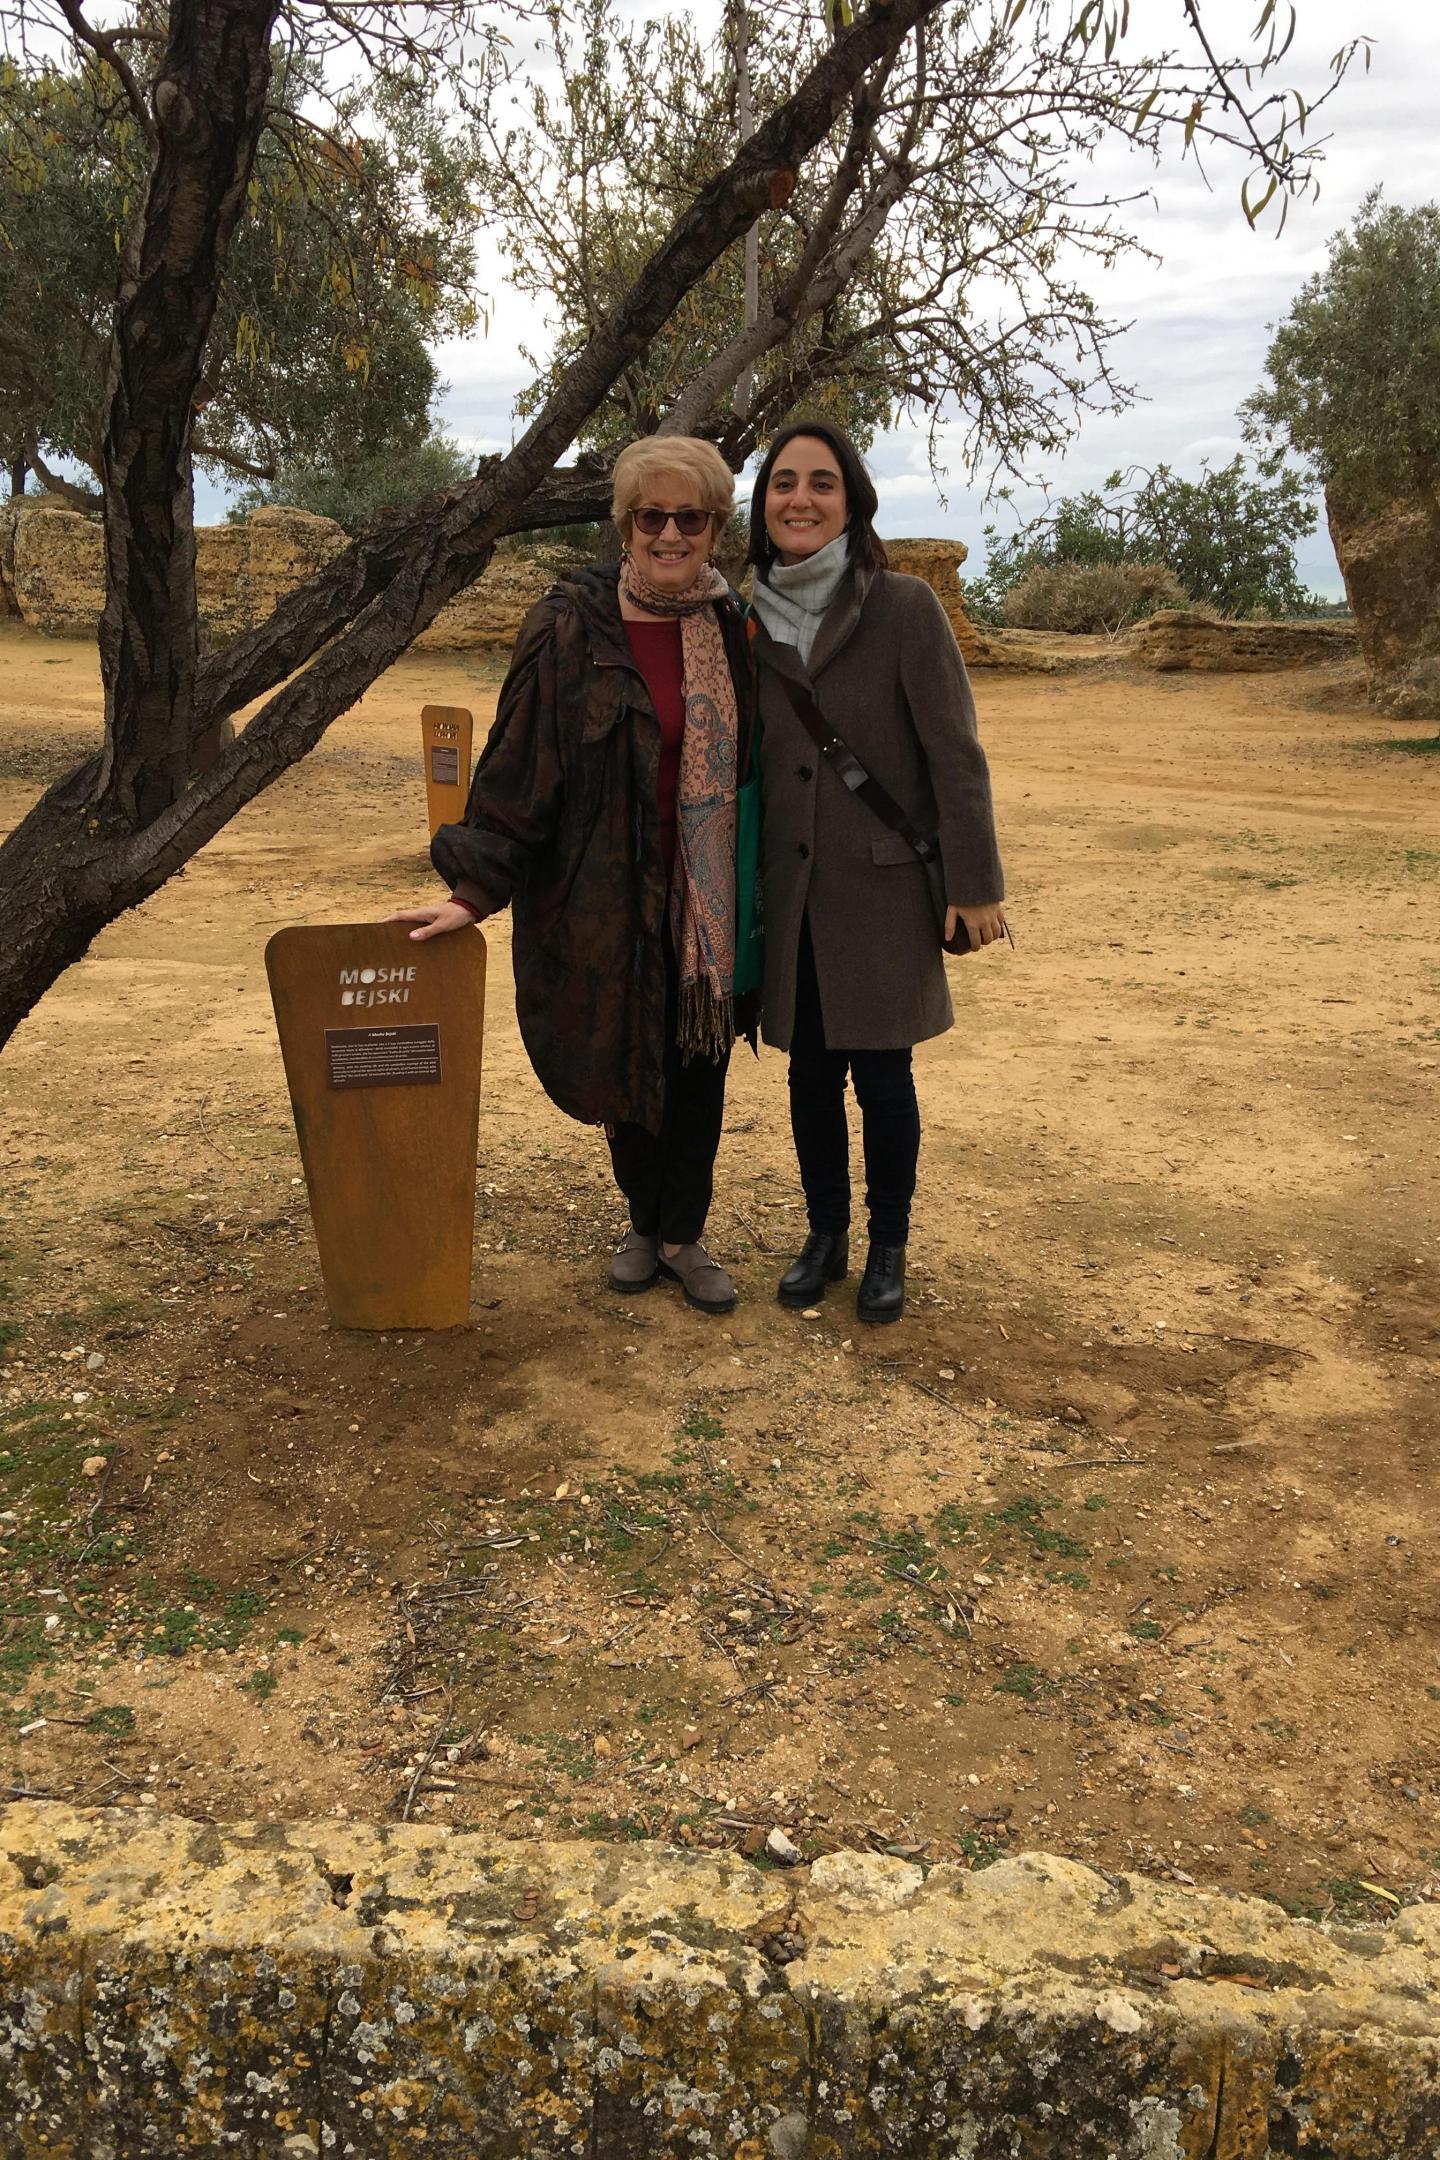 Ulianova Radice, direttrice di Gariwo, e Valentina De Fazio con la targa dedicata a Moshe Bejski, ideatore del Giardino dei Giusti